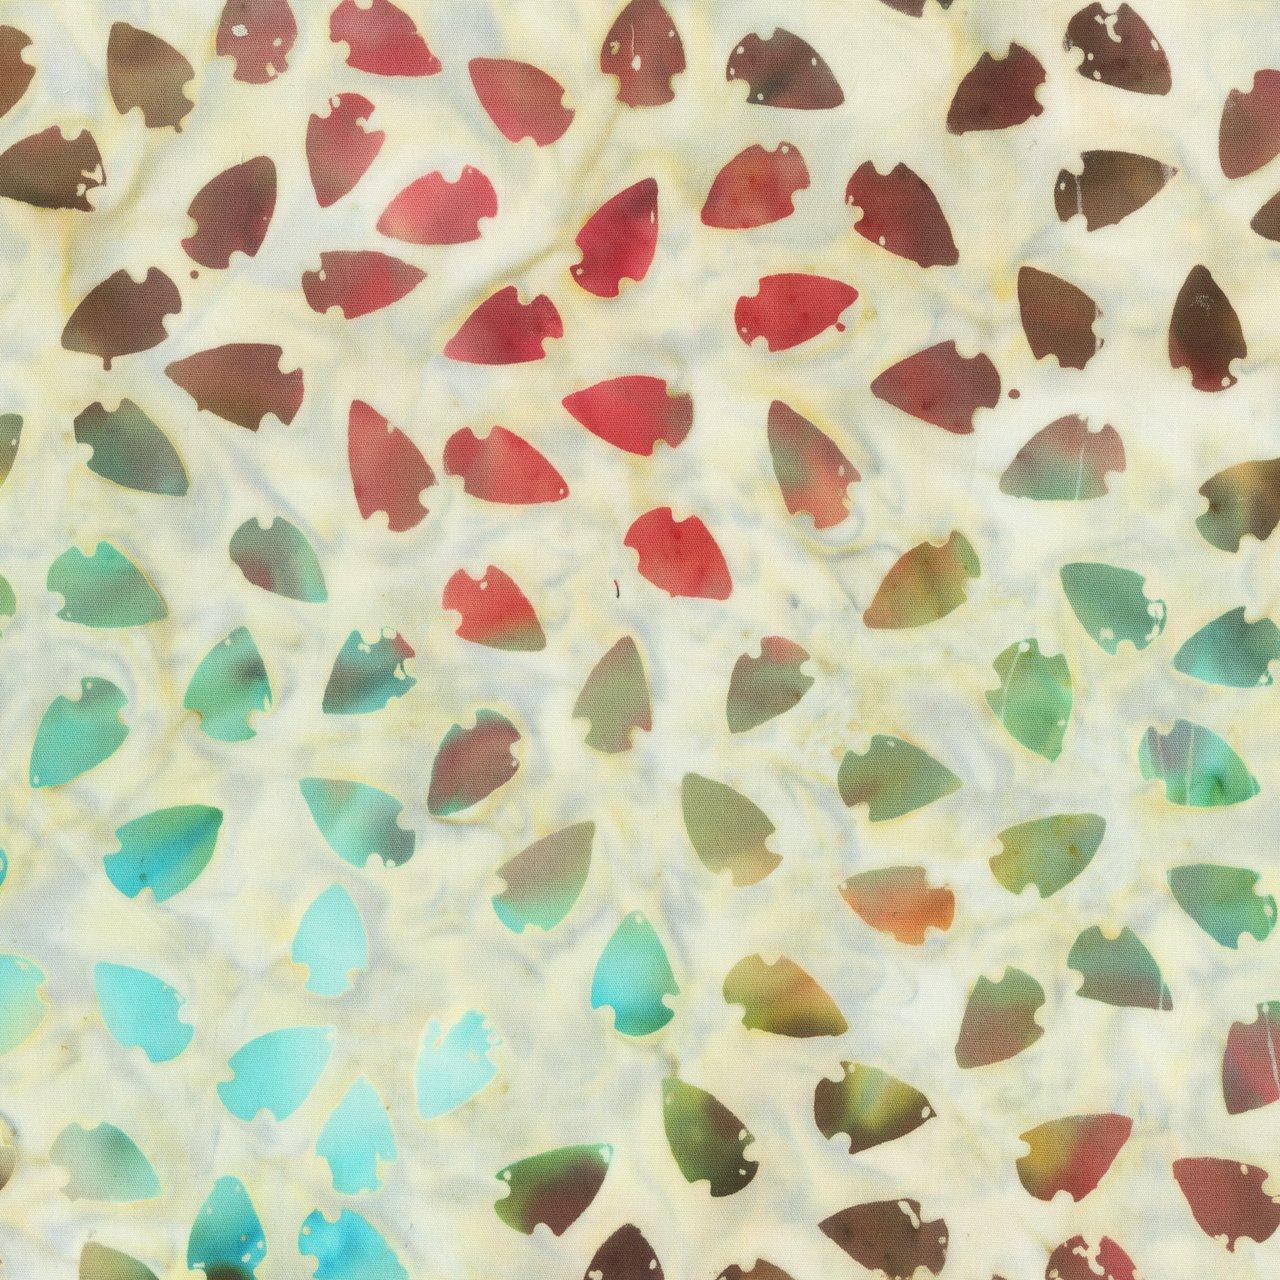 Anthology Southwest 944Q-1 Multi color arrowhead batik